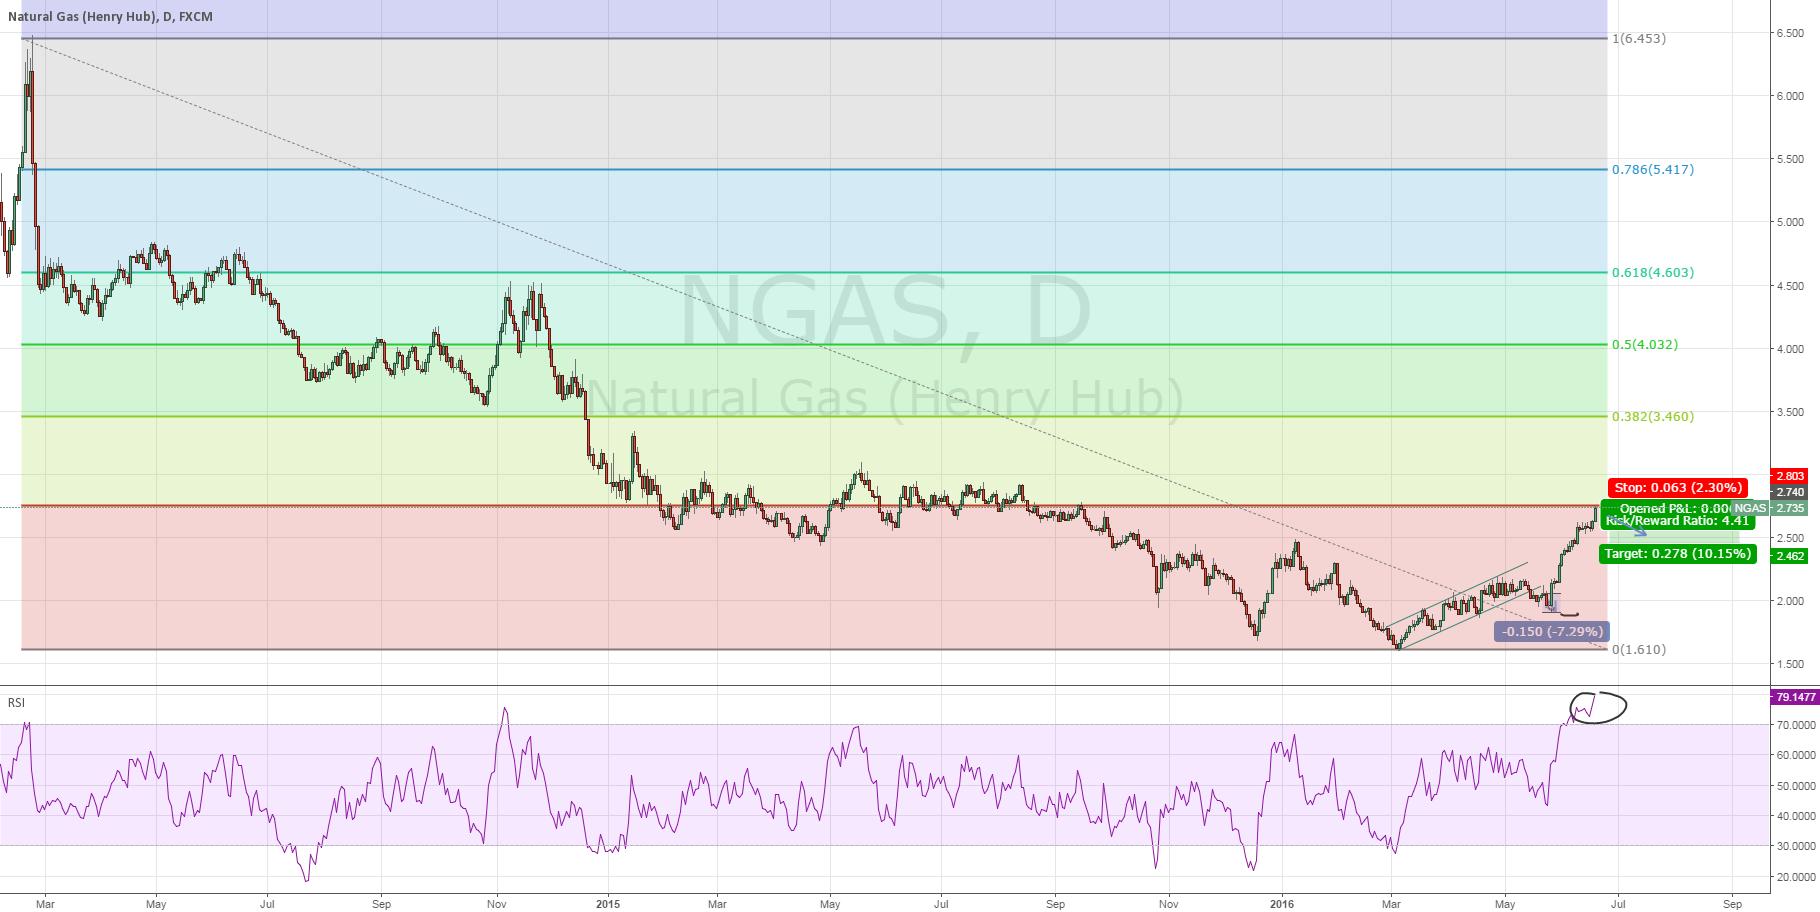 NaturalGas - Short